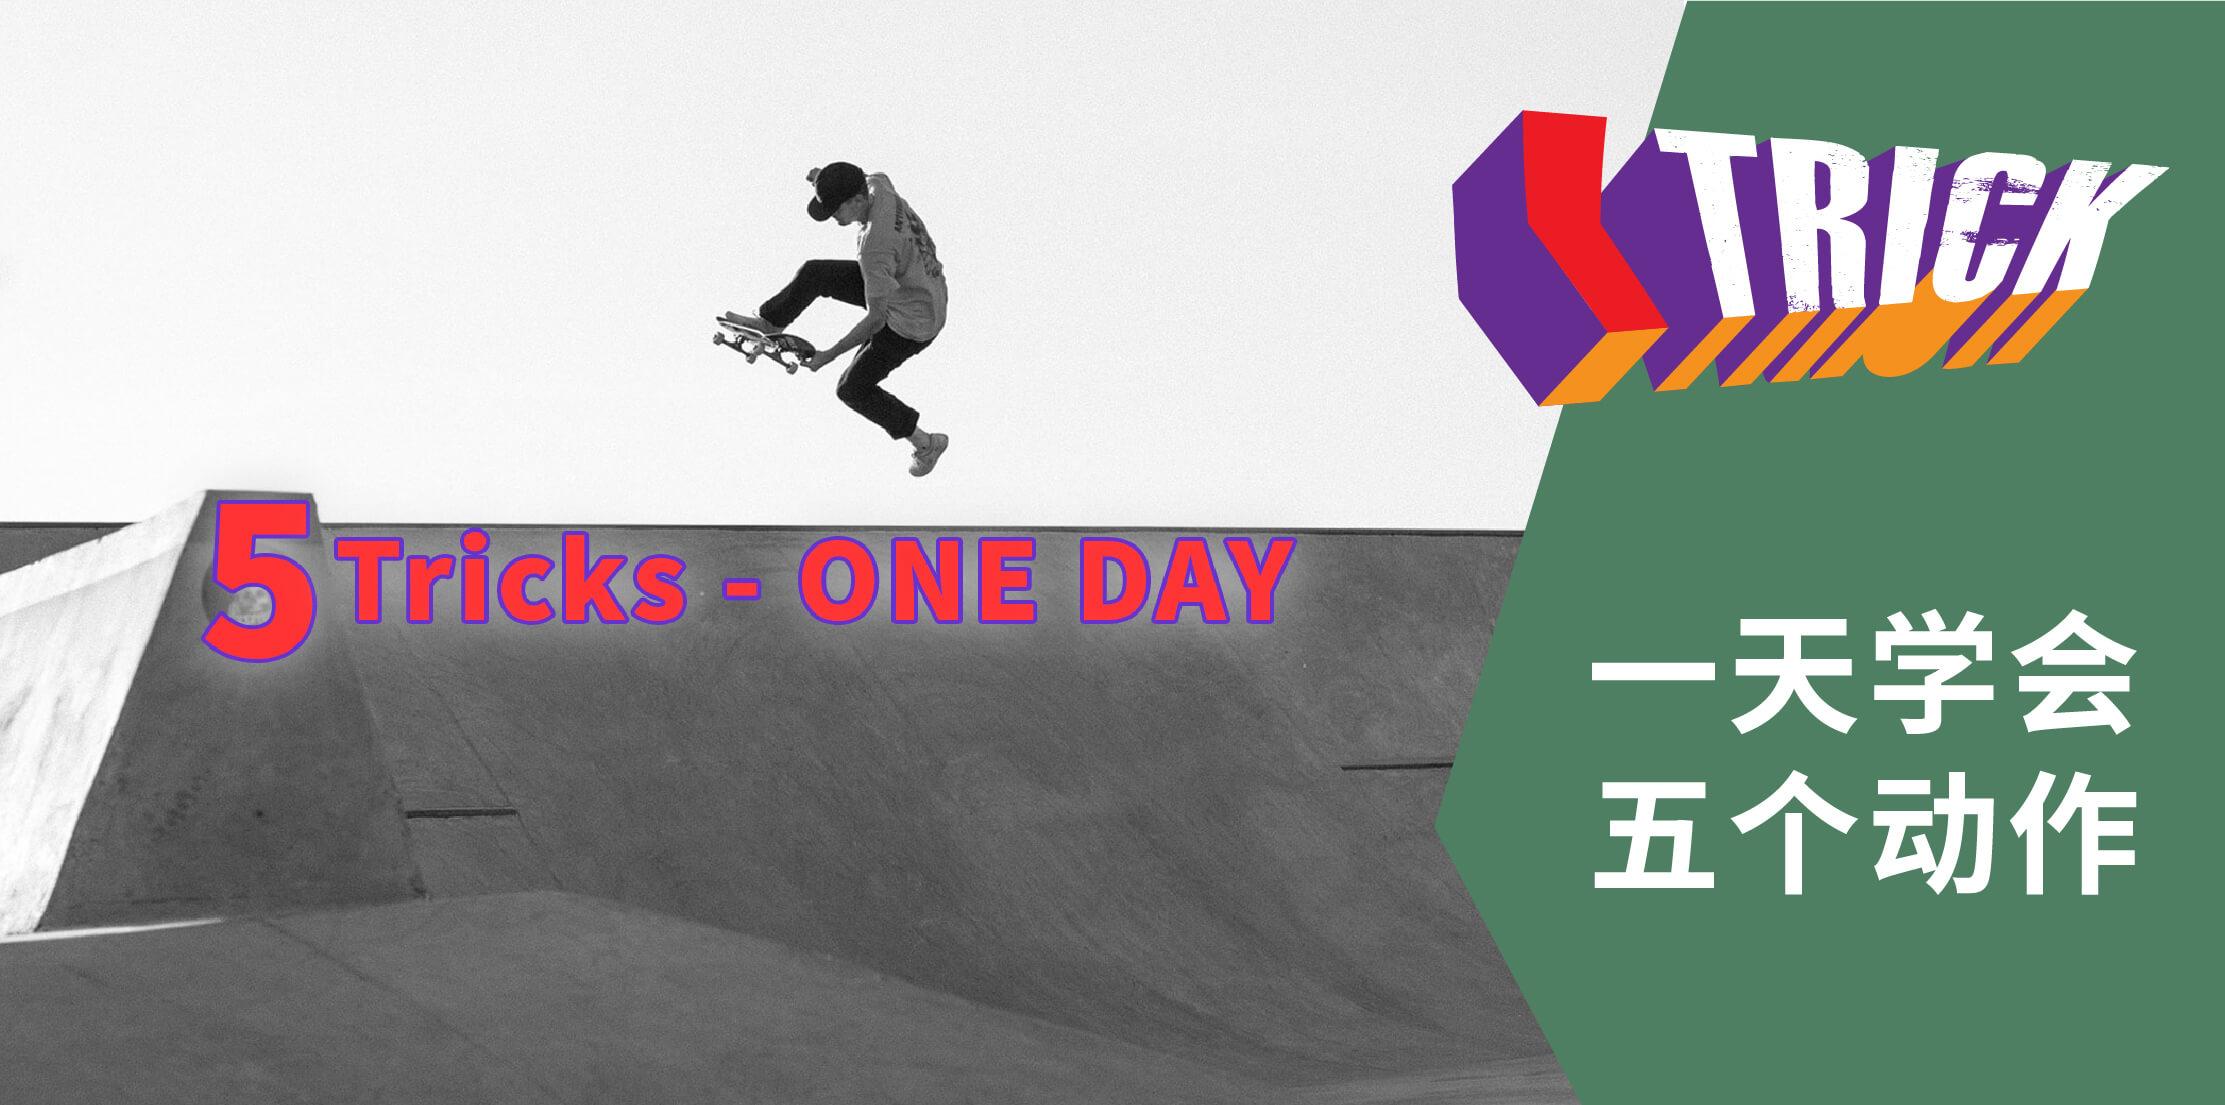 #中文字幕# 你能在一天内学会的五个简易滑板动作